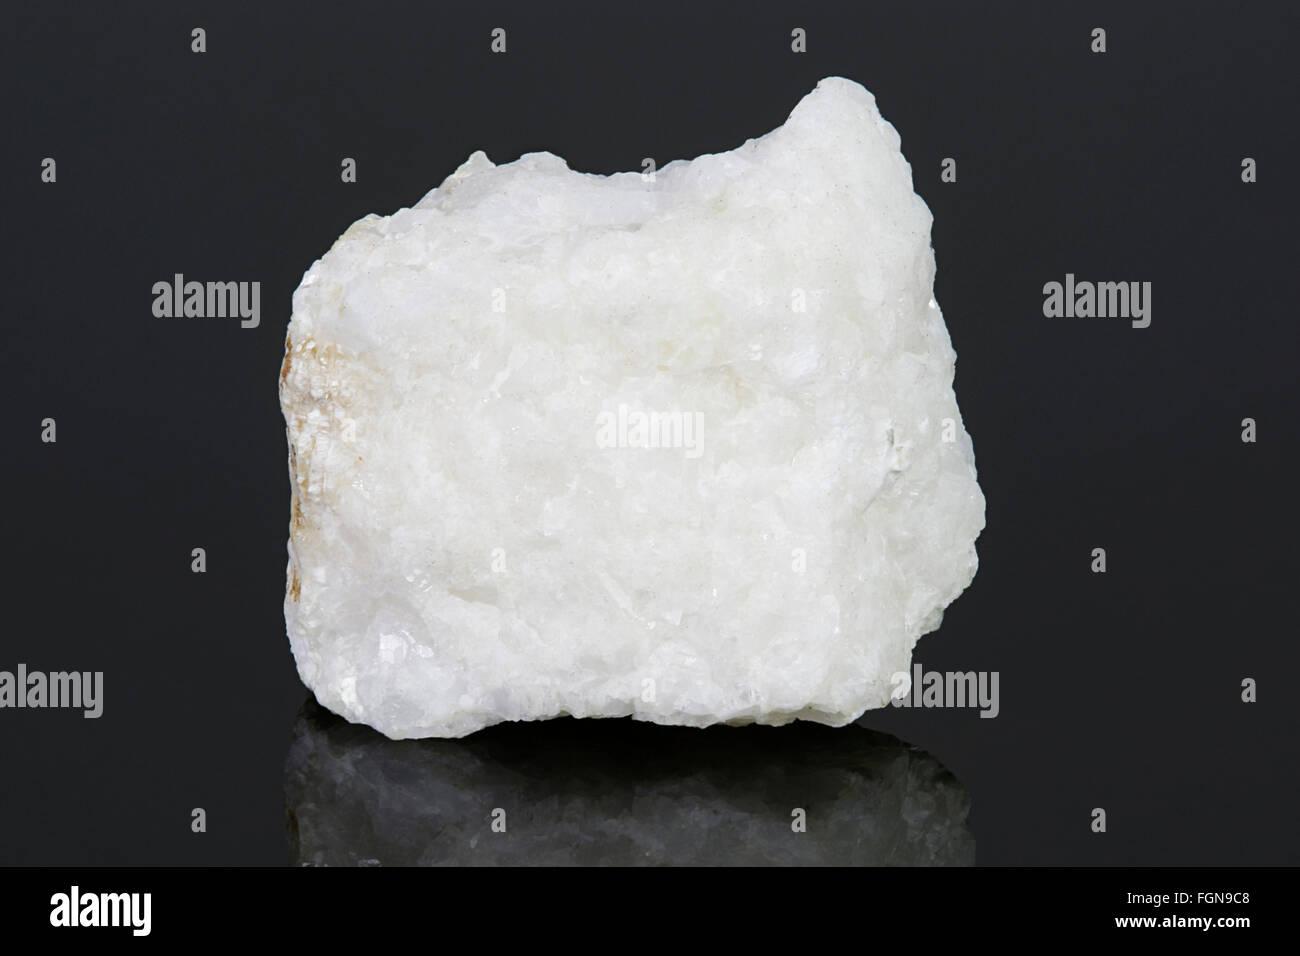 kieserite (magnesium sulfate mineral), Pakistan - Stock Image